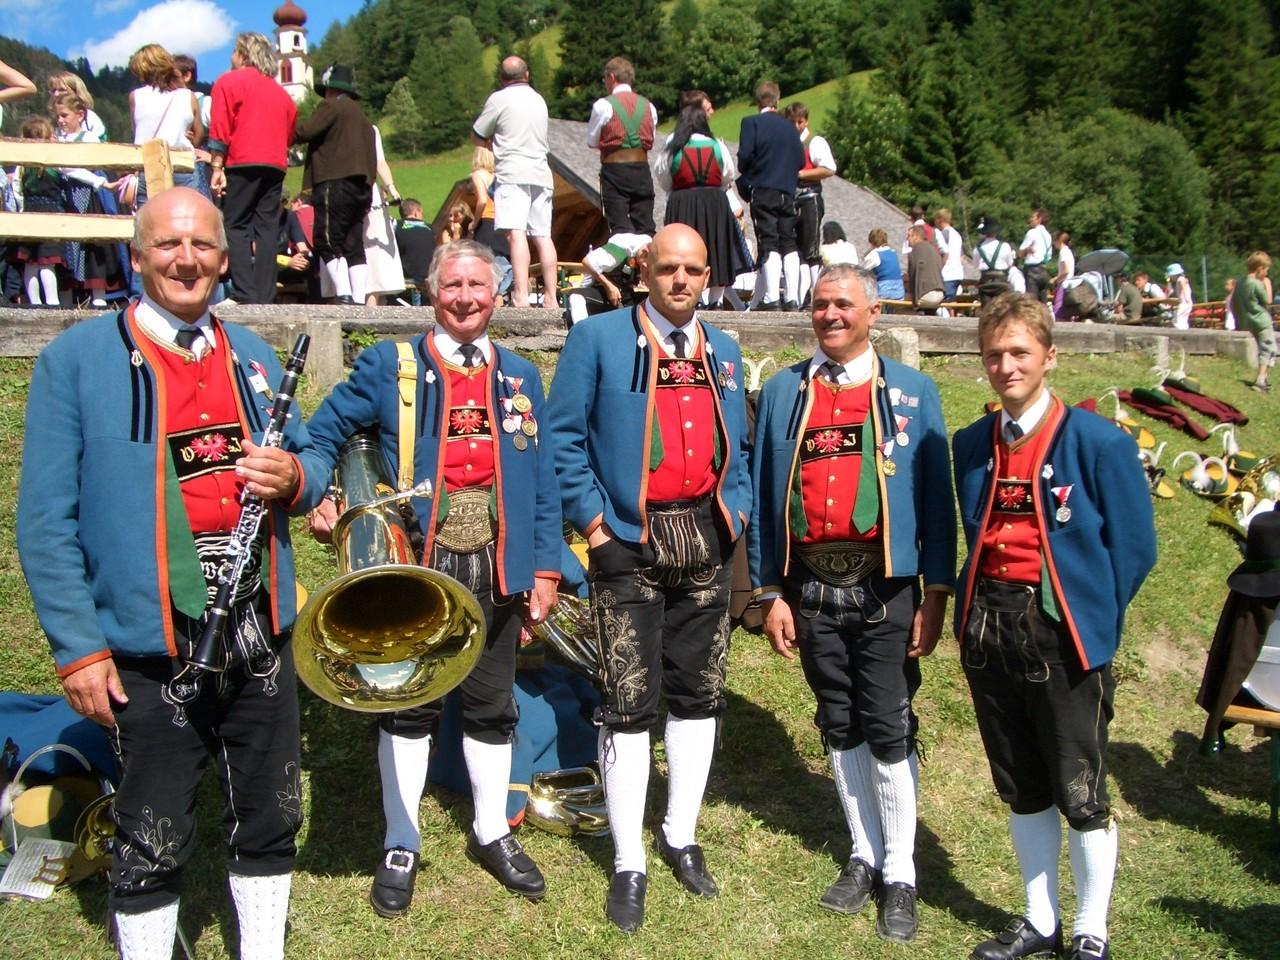 Jubilare beim Bezirksmusikfest in Navis (c) Werner Daum